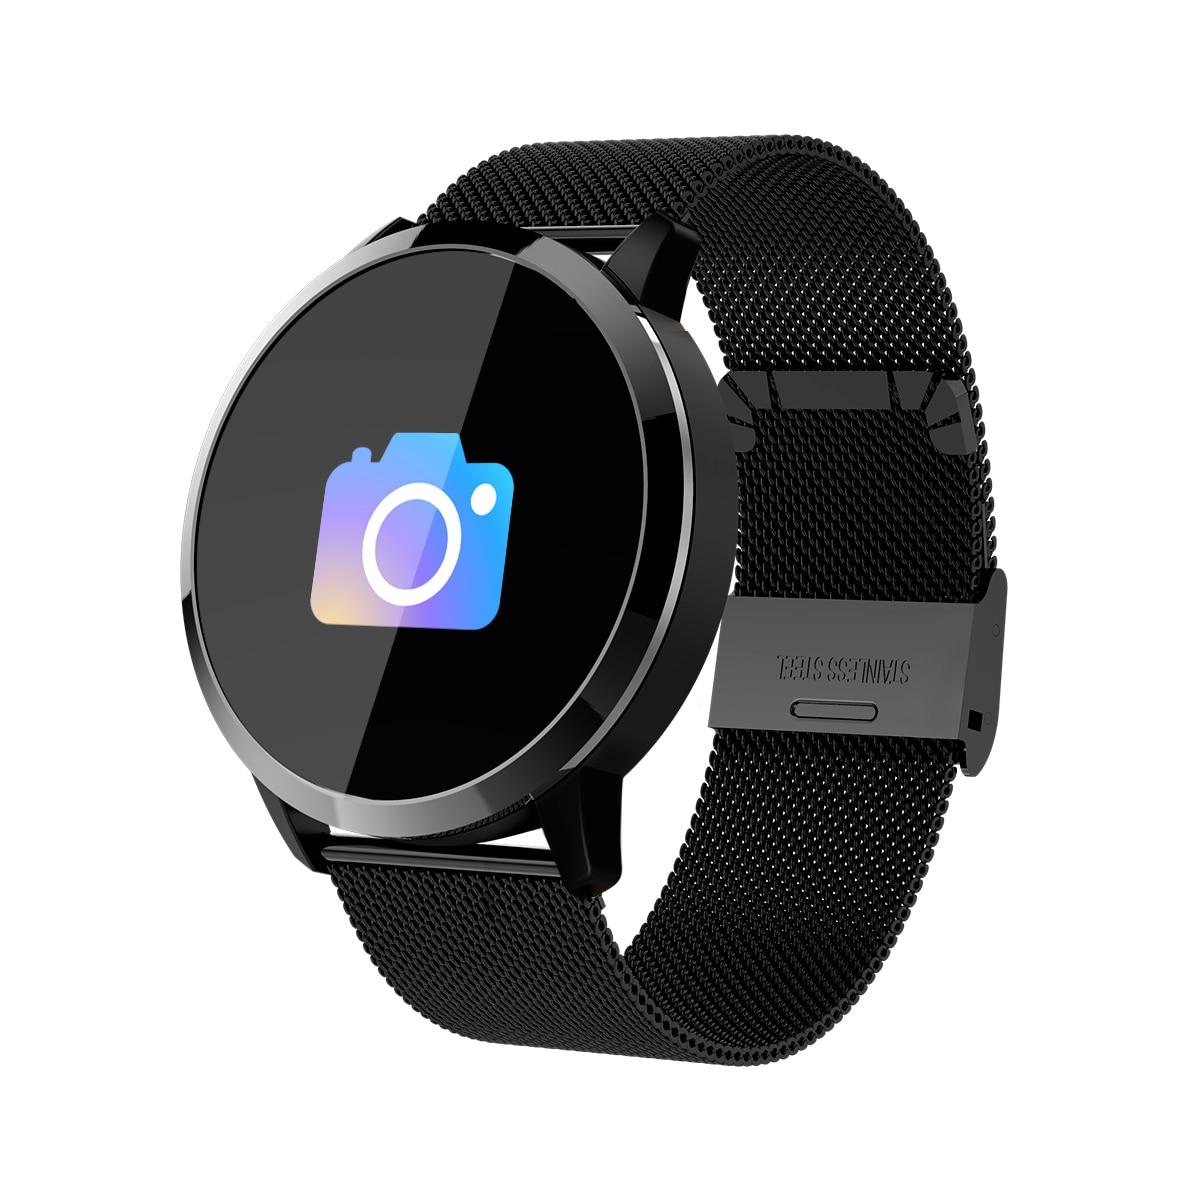 Diggro Q8 OLED Bluetooth חכם שעון נירוסטה עמיד למים לביש מכשיר Smartwatch שעוני יד גברים נשים גשש כושר